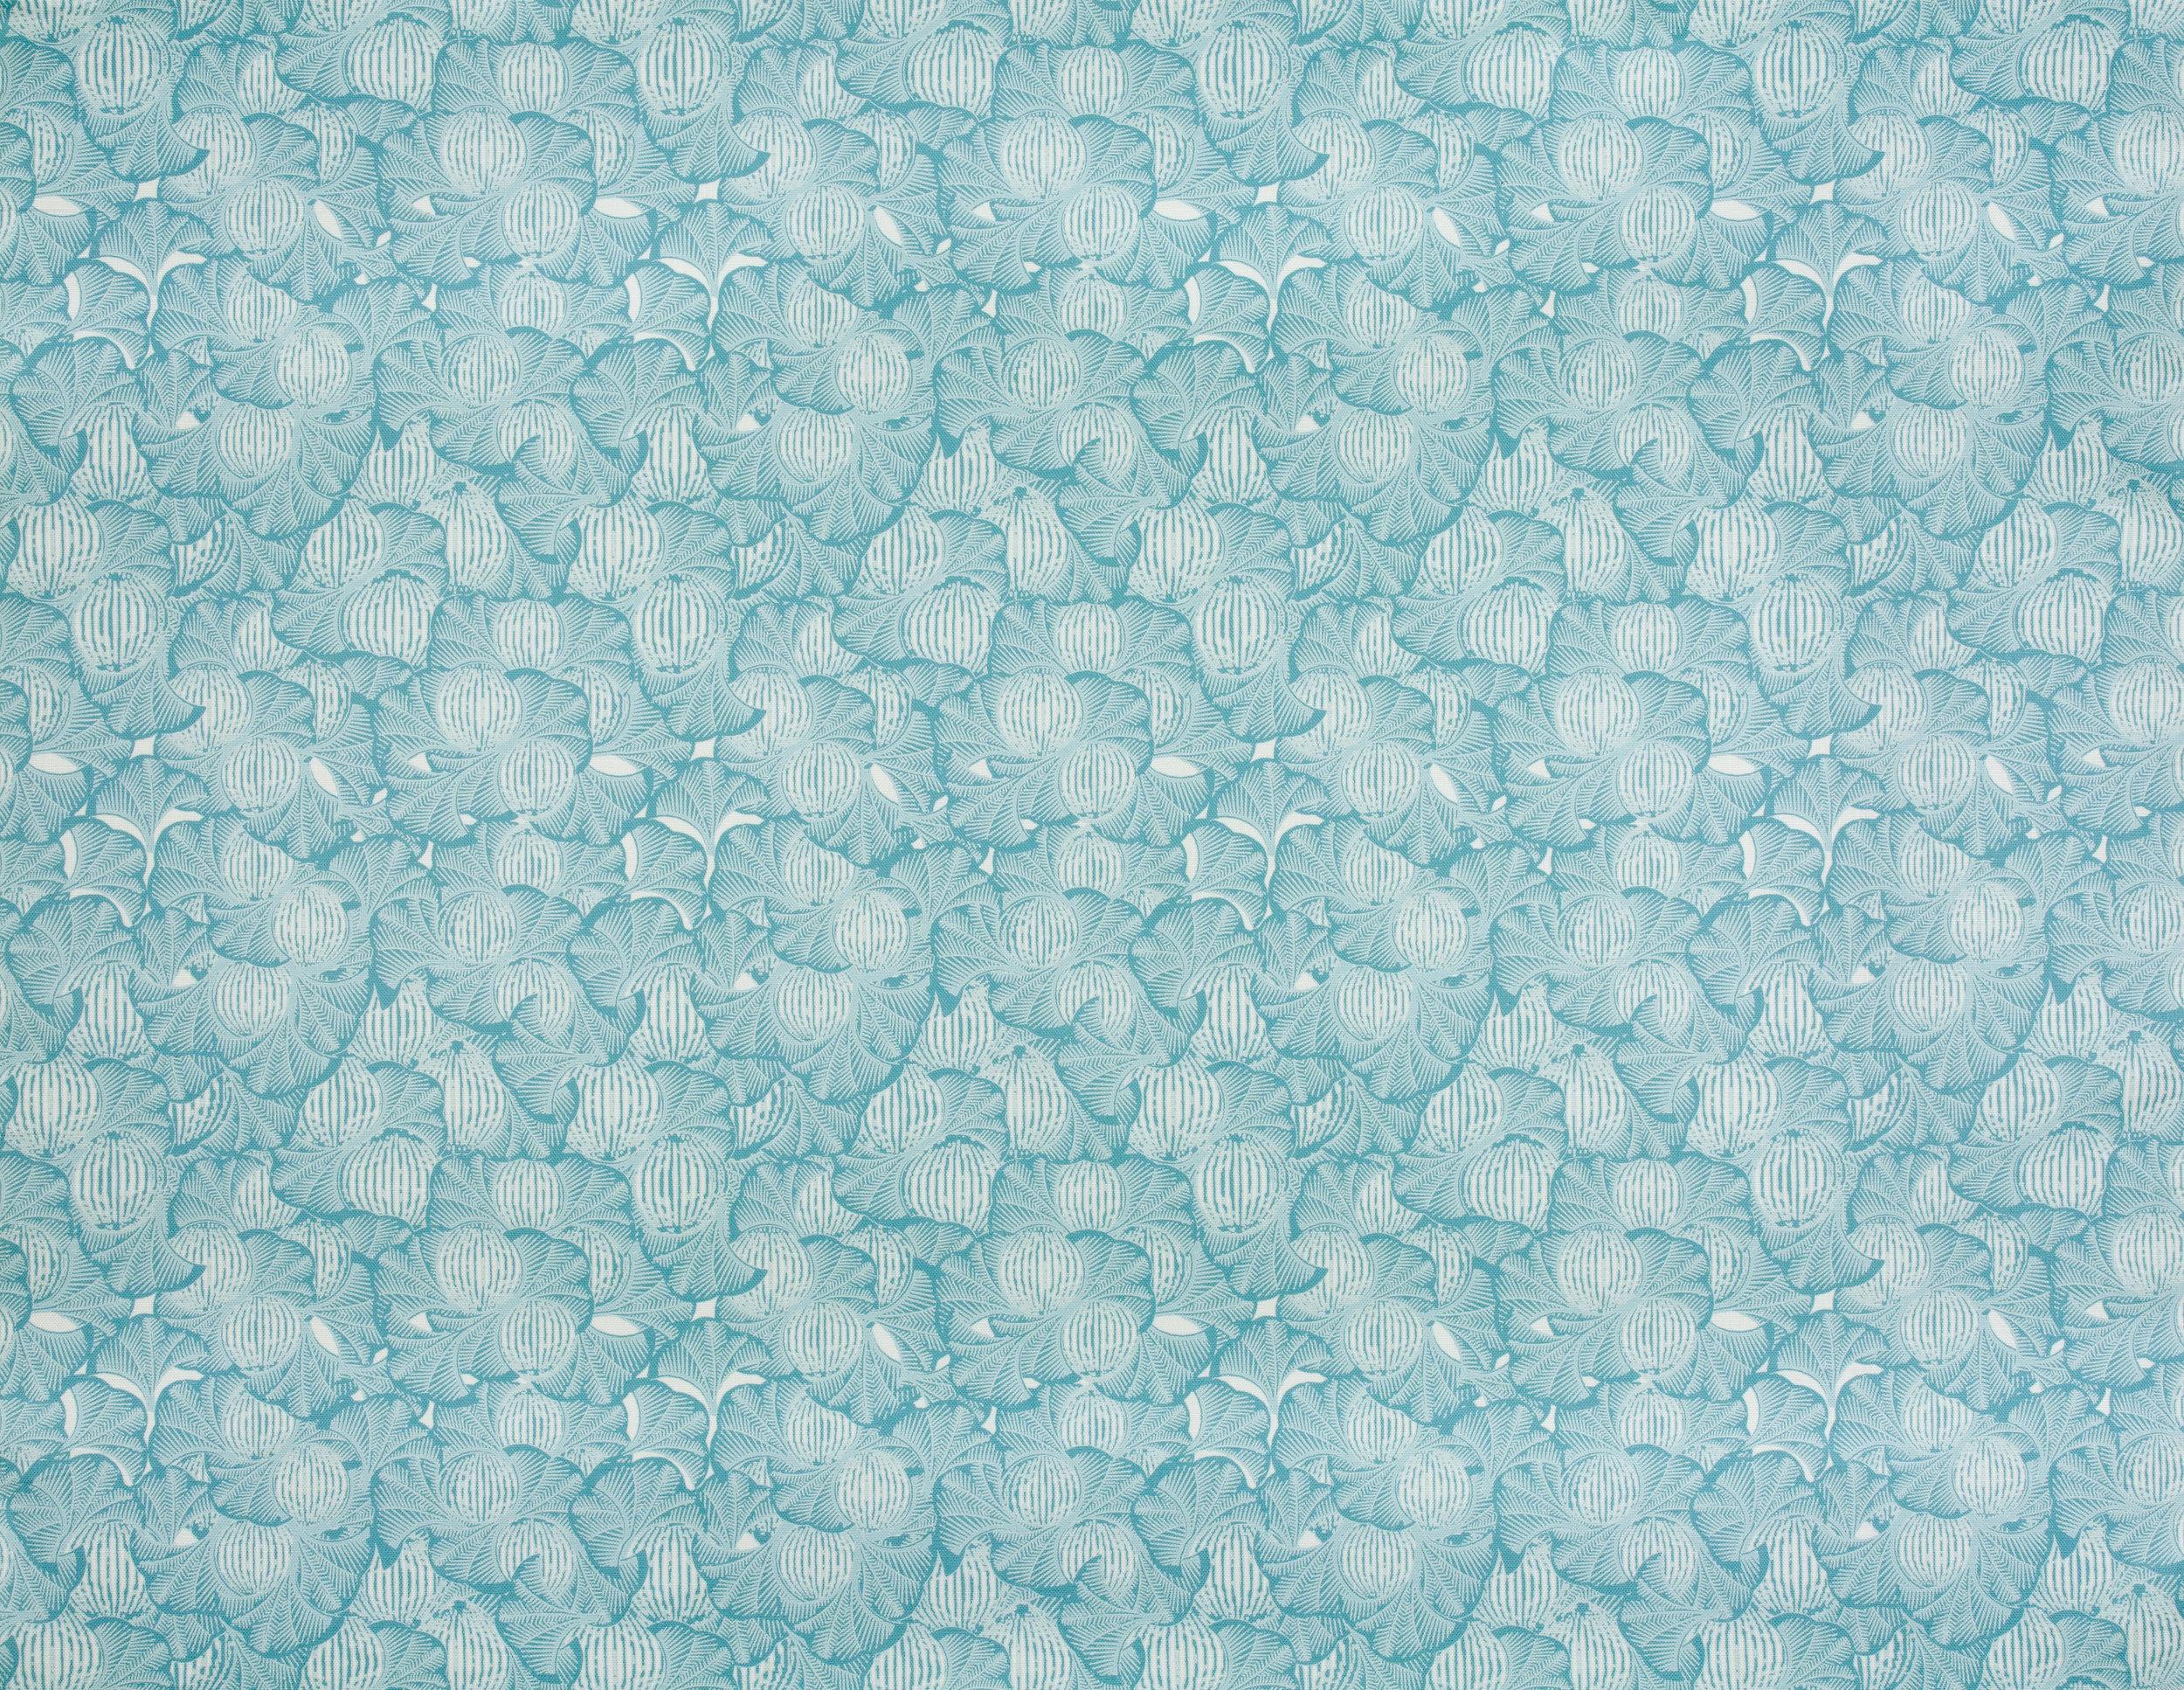 1W6A0943Foliage_GrayBlue.jpg